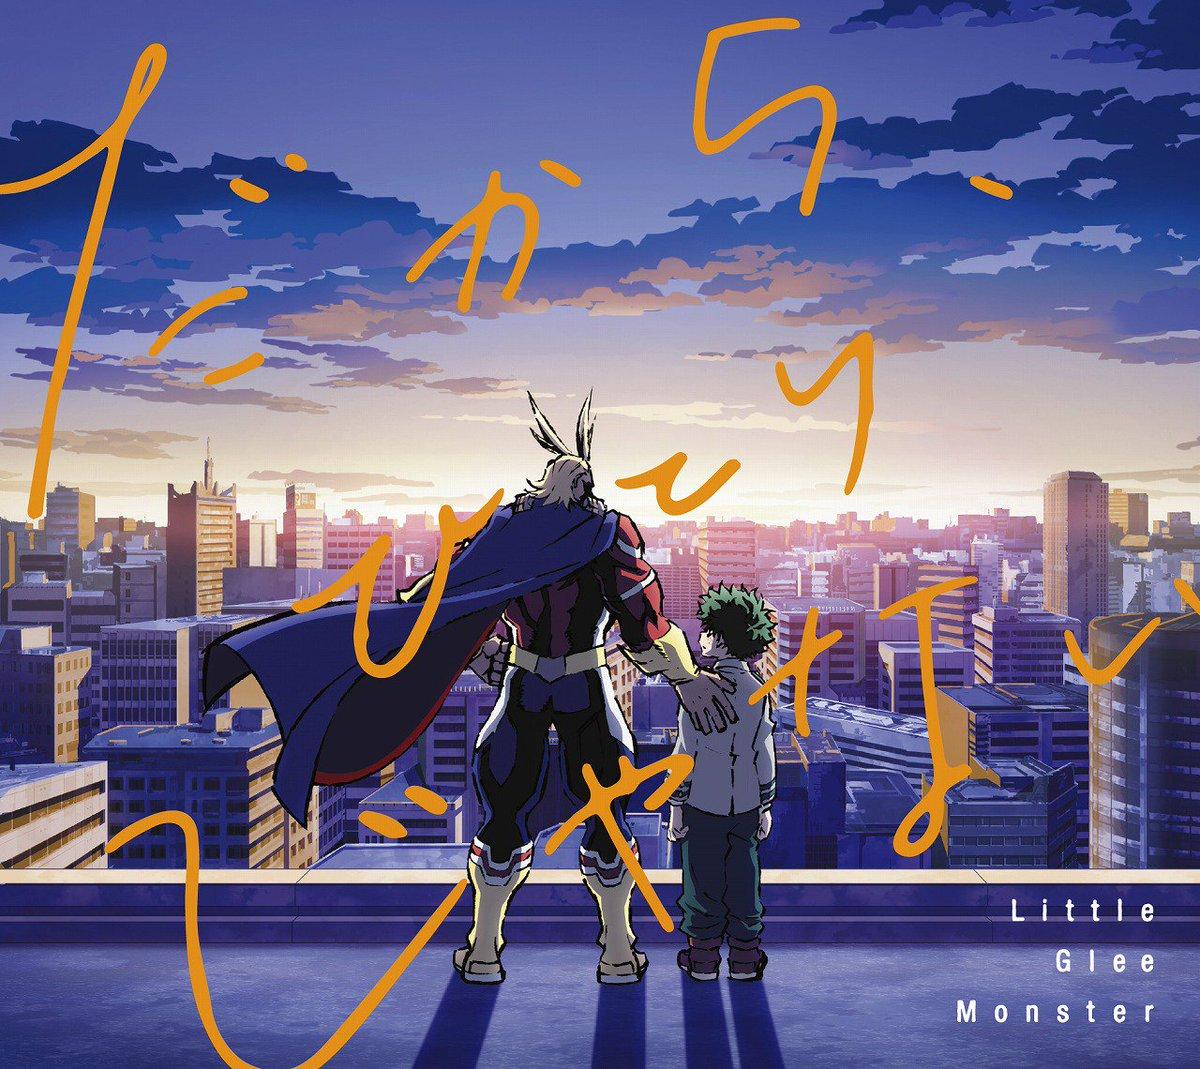 8thシングル「だから、ひとりじゃない」2017年5月31日発売決定!TVアニメ「僕のヒーローアカデミア」エンディングテ